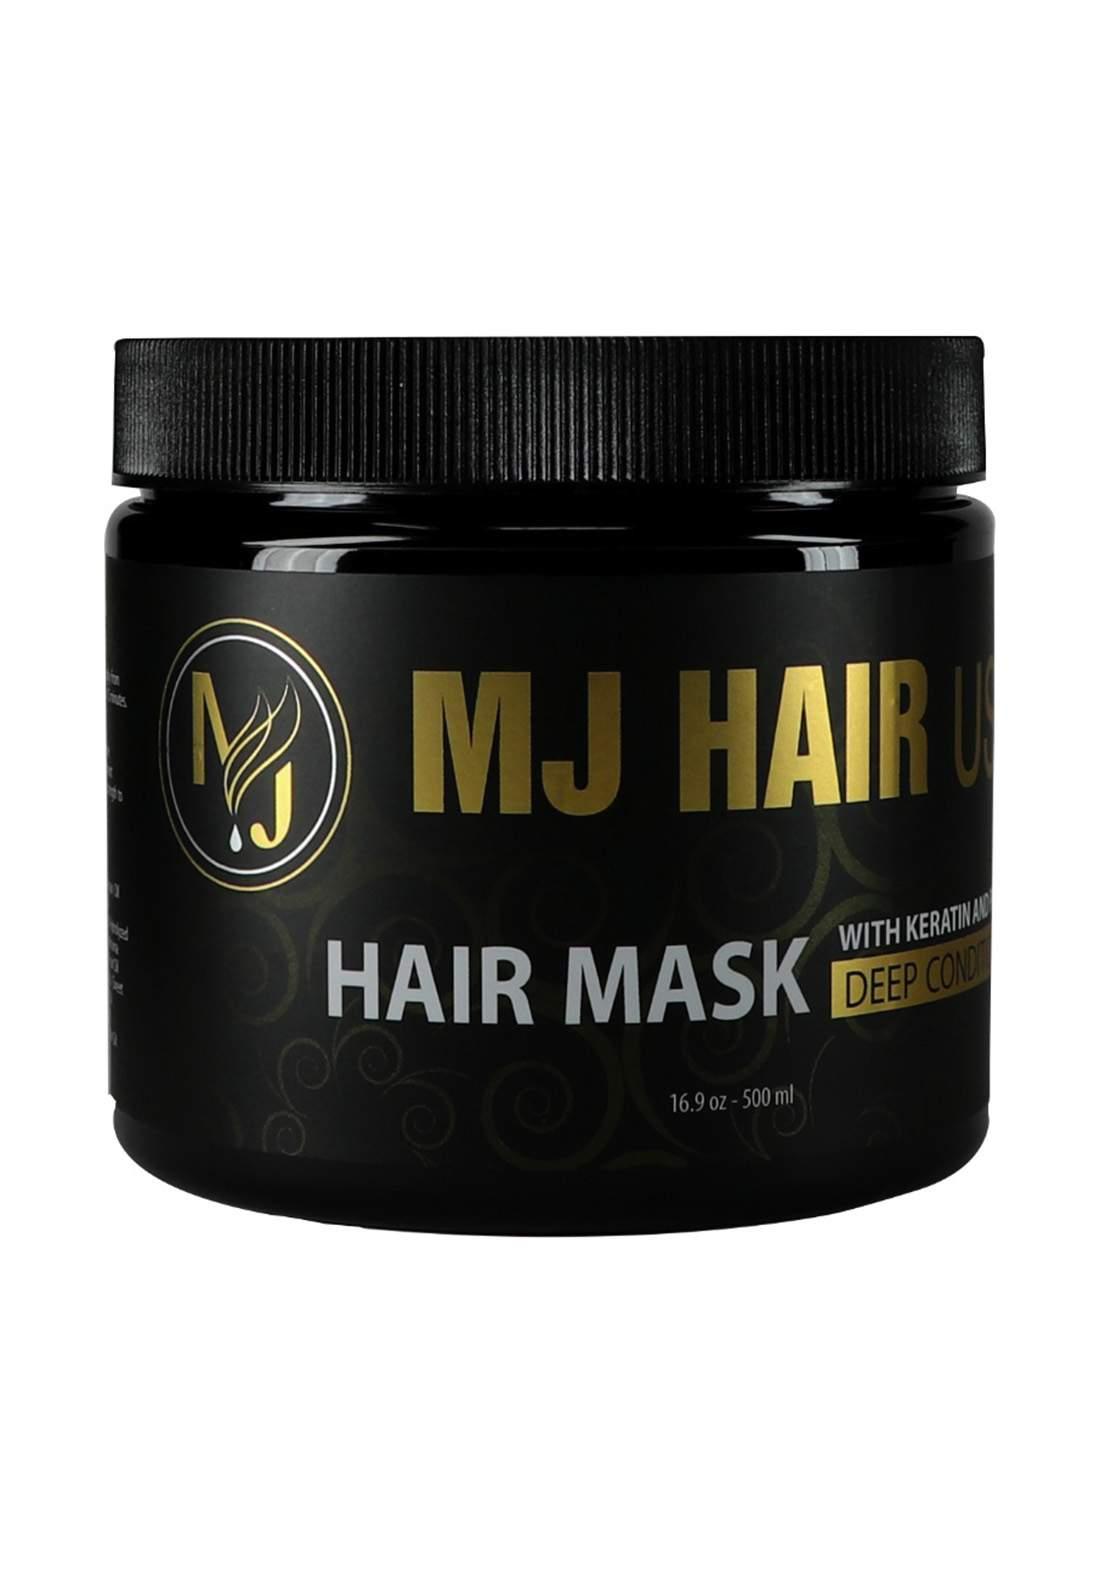 Mj Hair Usa Hair Mask 500ml  ماسك للشعر